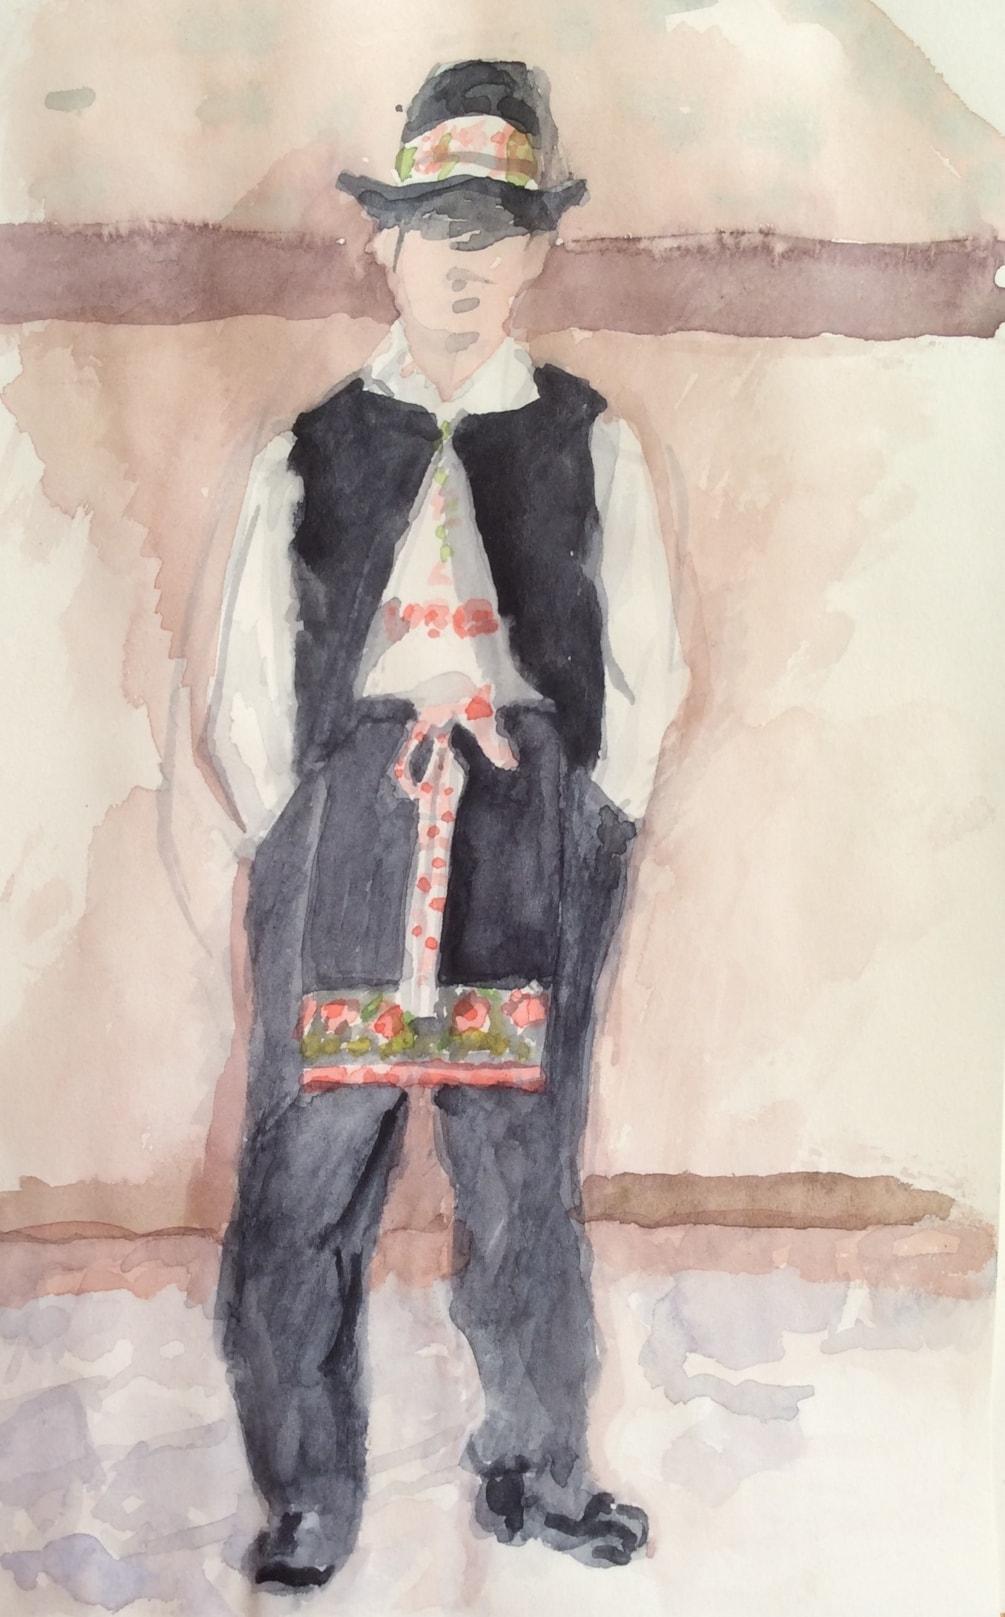 Boy wearing folk costume